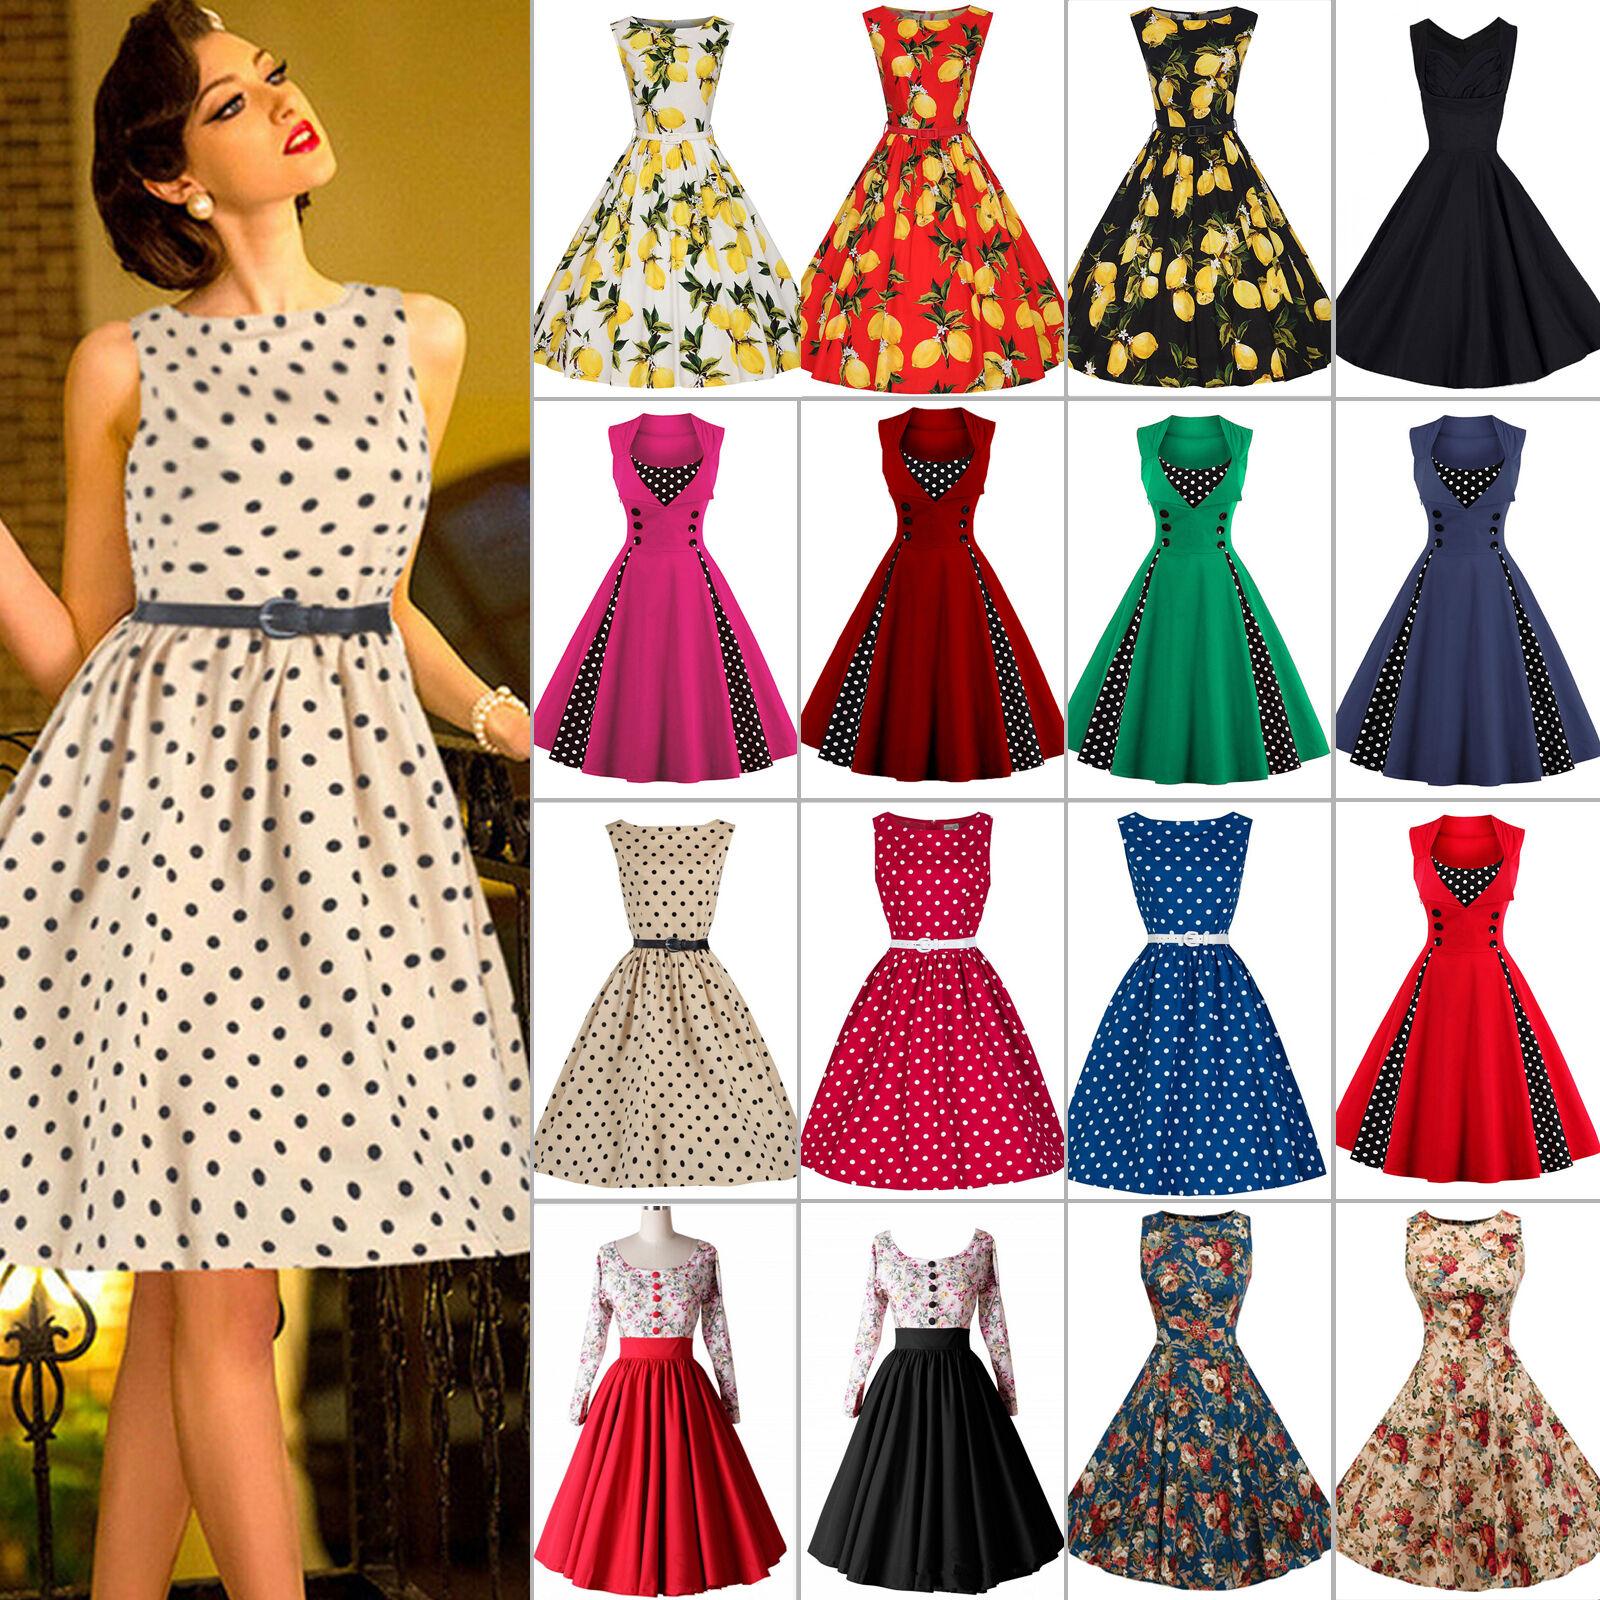 Damen Retro 50er Rockabilly Kleider Petticoat Party Abendkleid ...